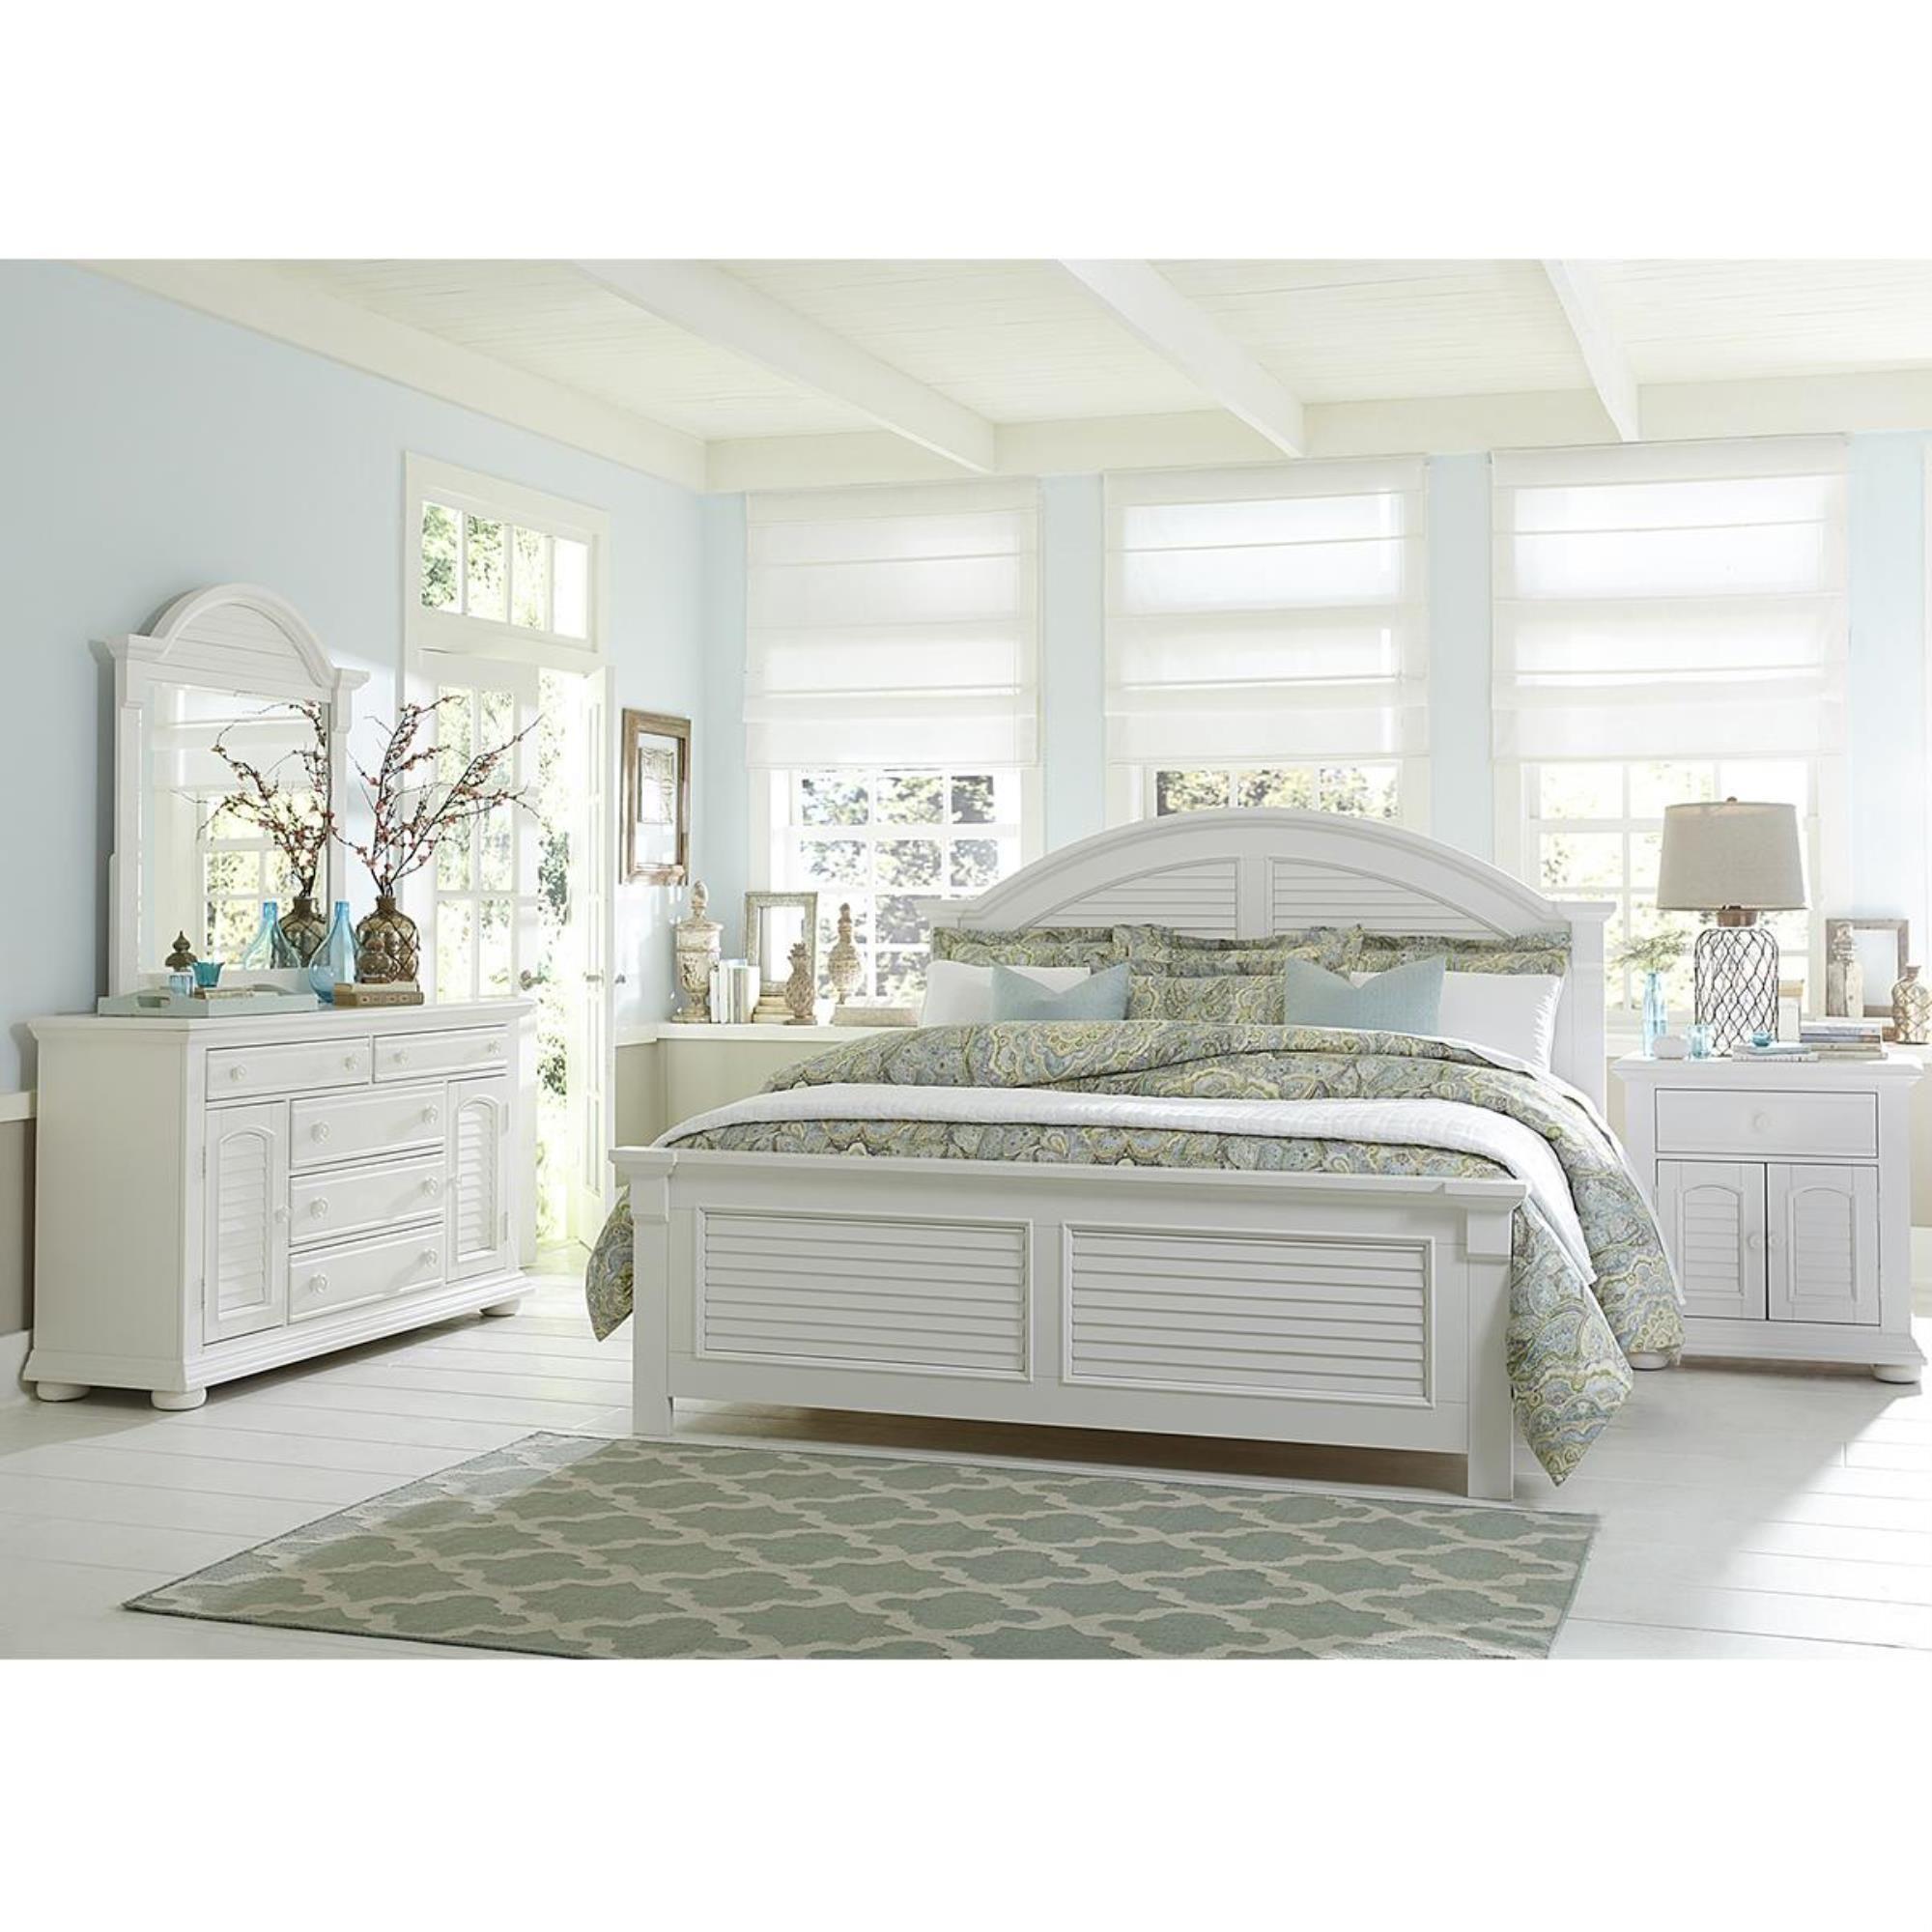 Abbey Park Antique White Panel Bedroom Set Master Bedroom Furniture White Bedroom Set Platform Bedroom Sets